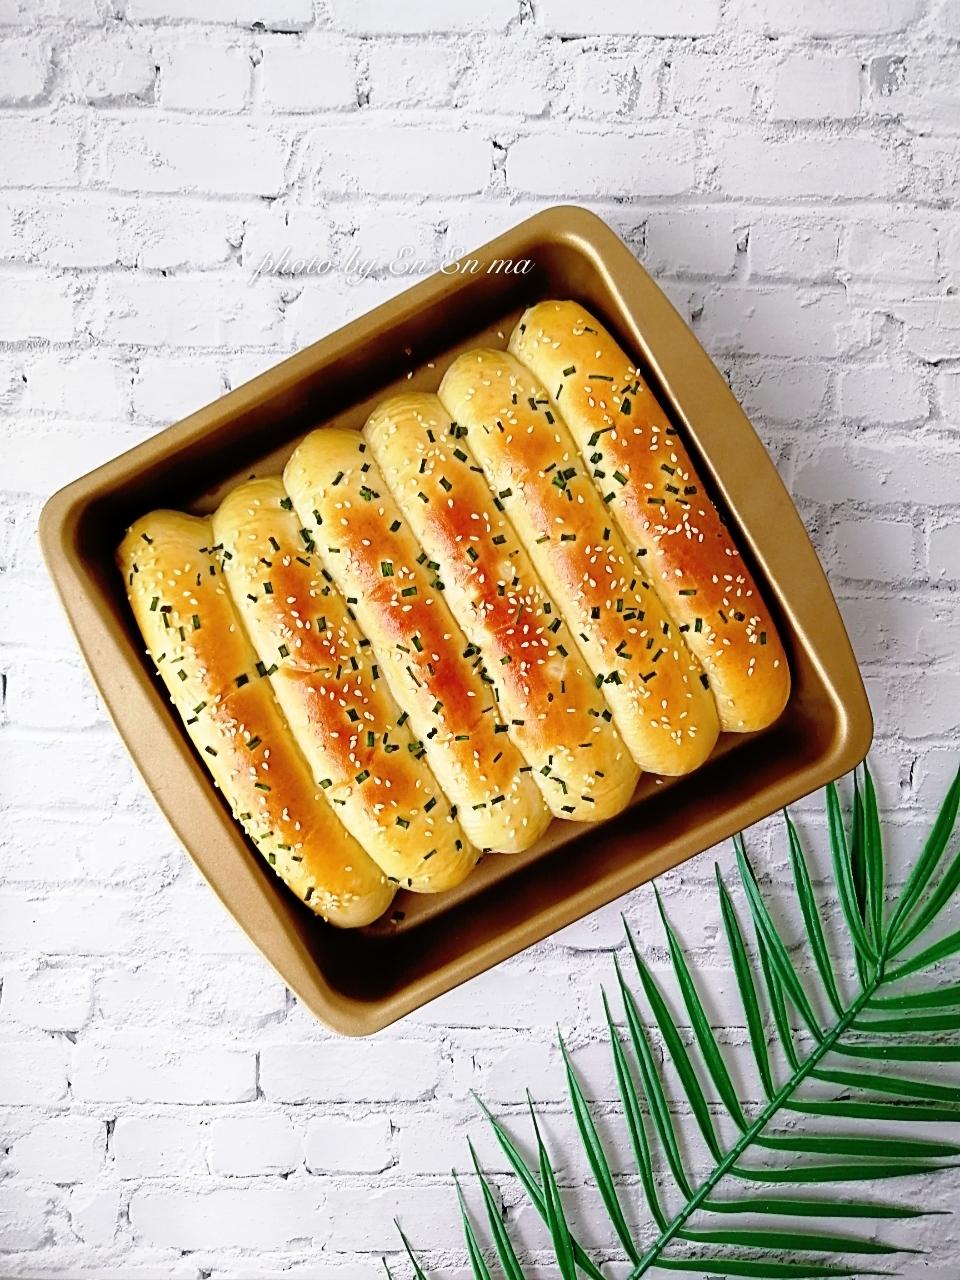 葱香肉松排包,又香又柔软的排包出炉咯~</p> <p>真的好吃!中间夹着肉松,咬开很惊喜